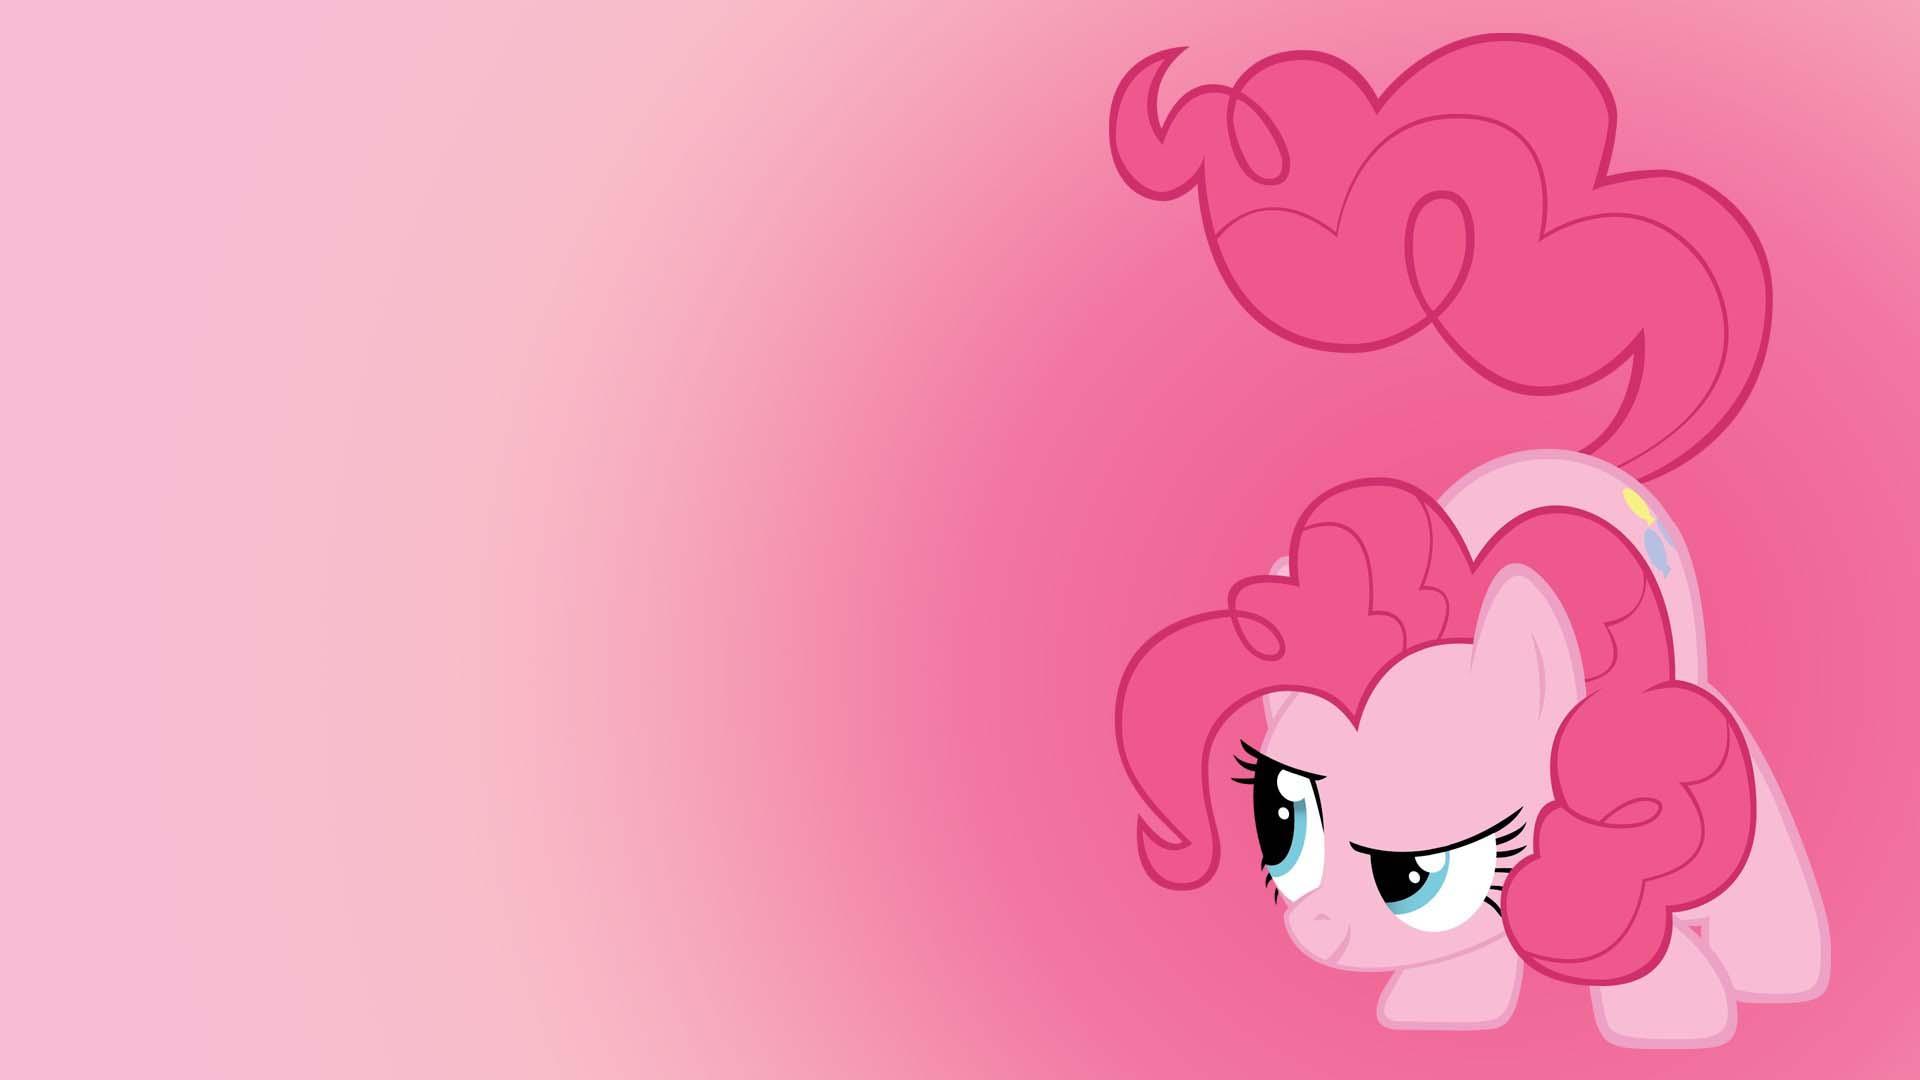 Hình nền ngựa hồng đáng yêu